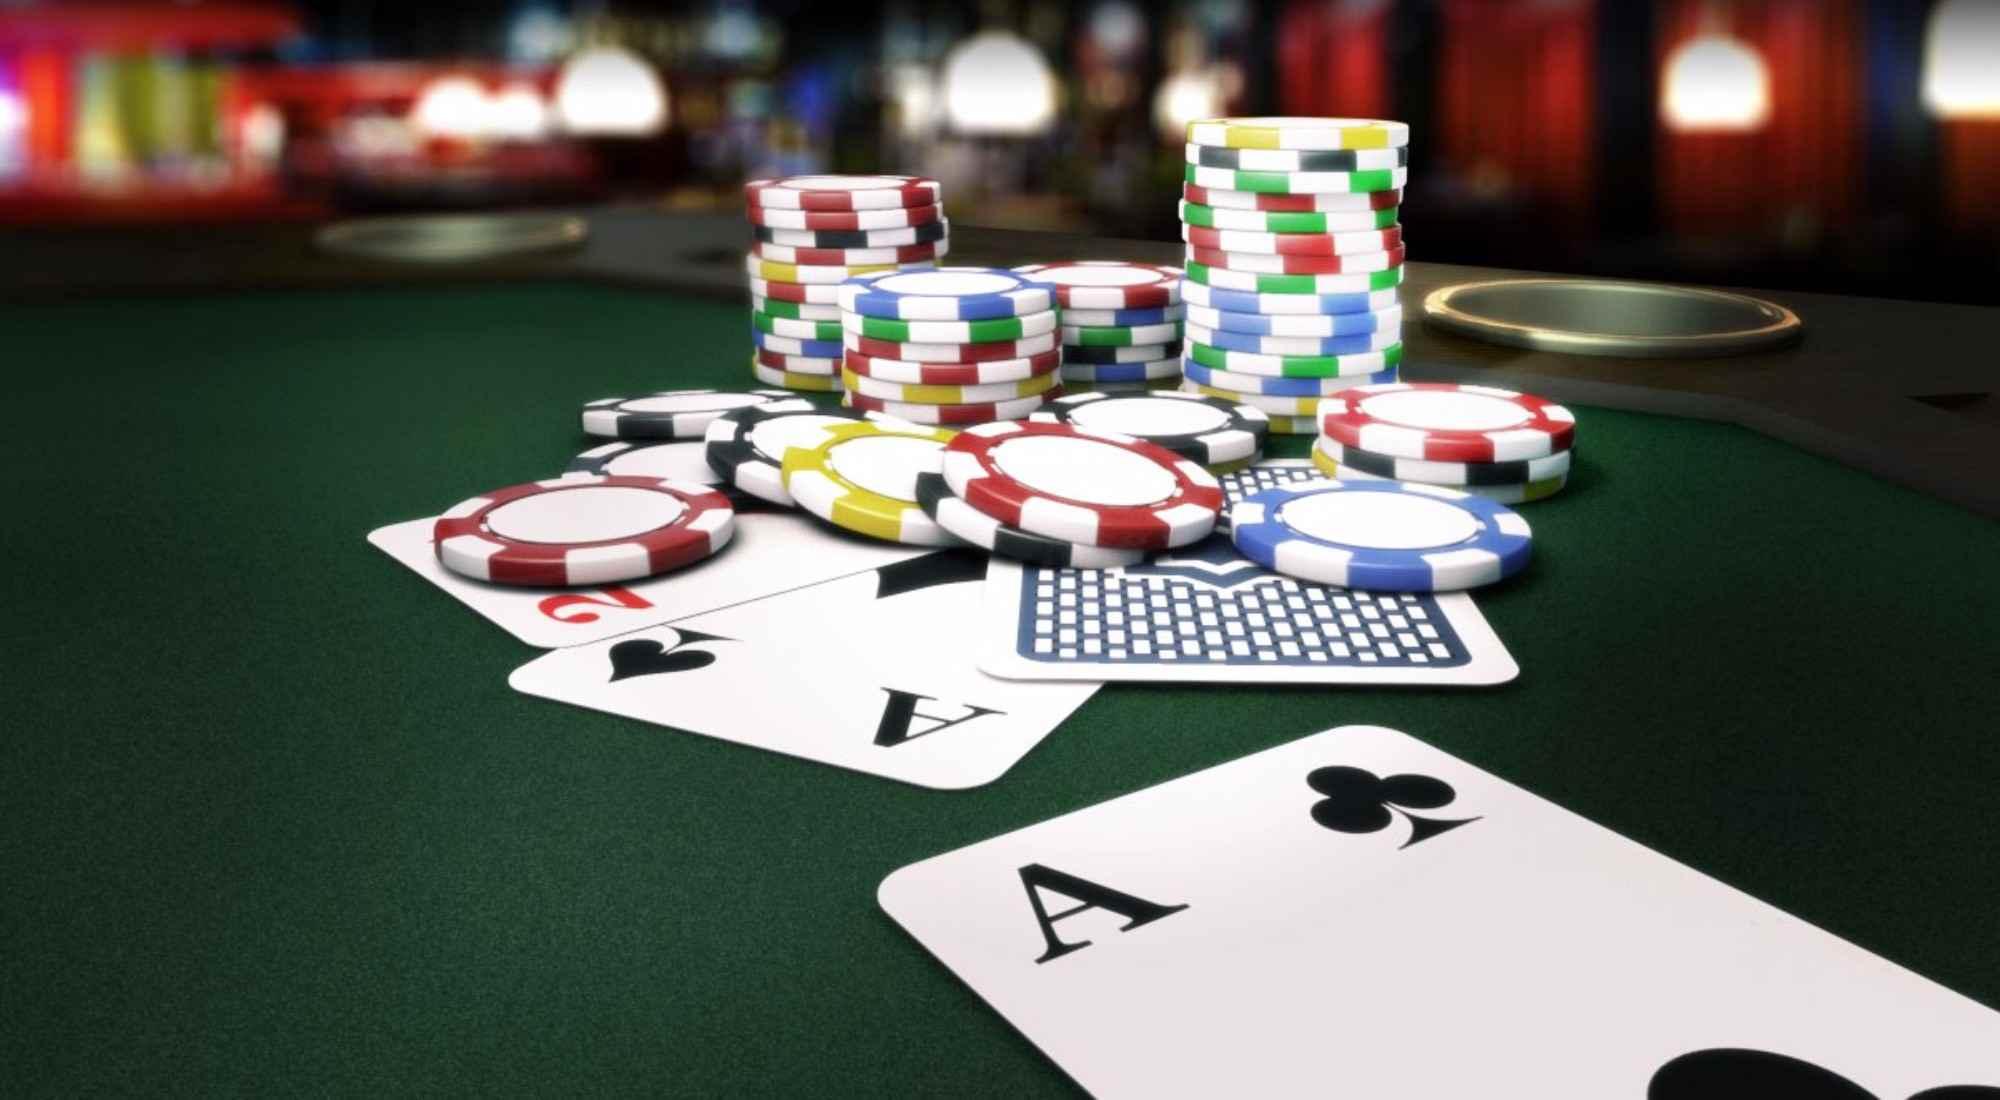 Maine poker casino welcome bonus casinos